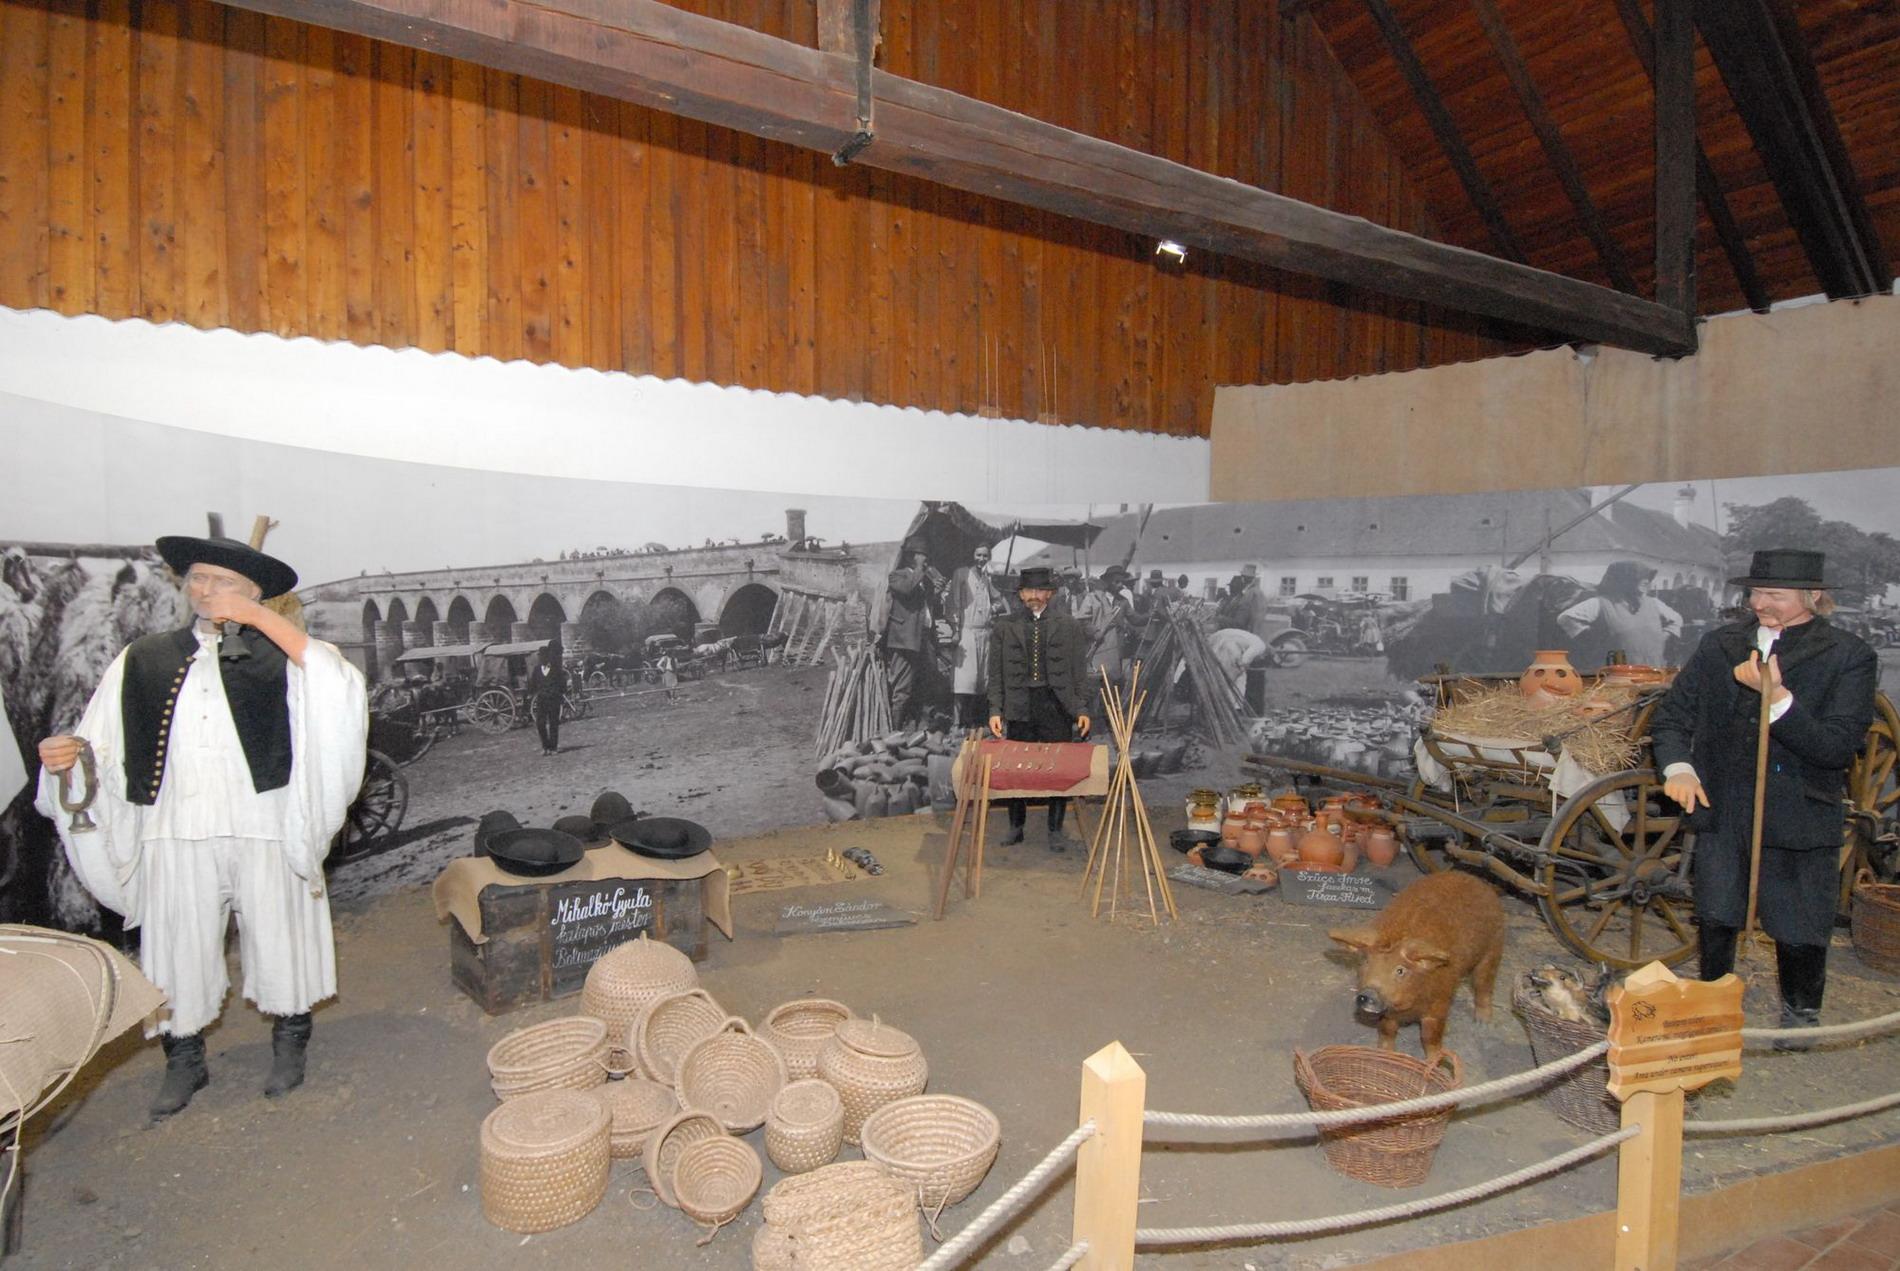 Pásztormúzeum dioráma kiállítás_11.11.22_N11_6782_1_Lisztes László_resize